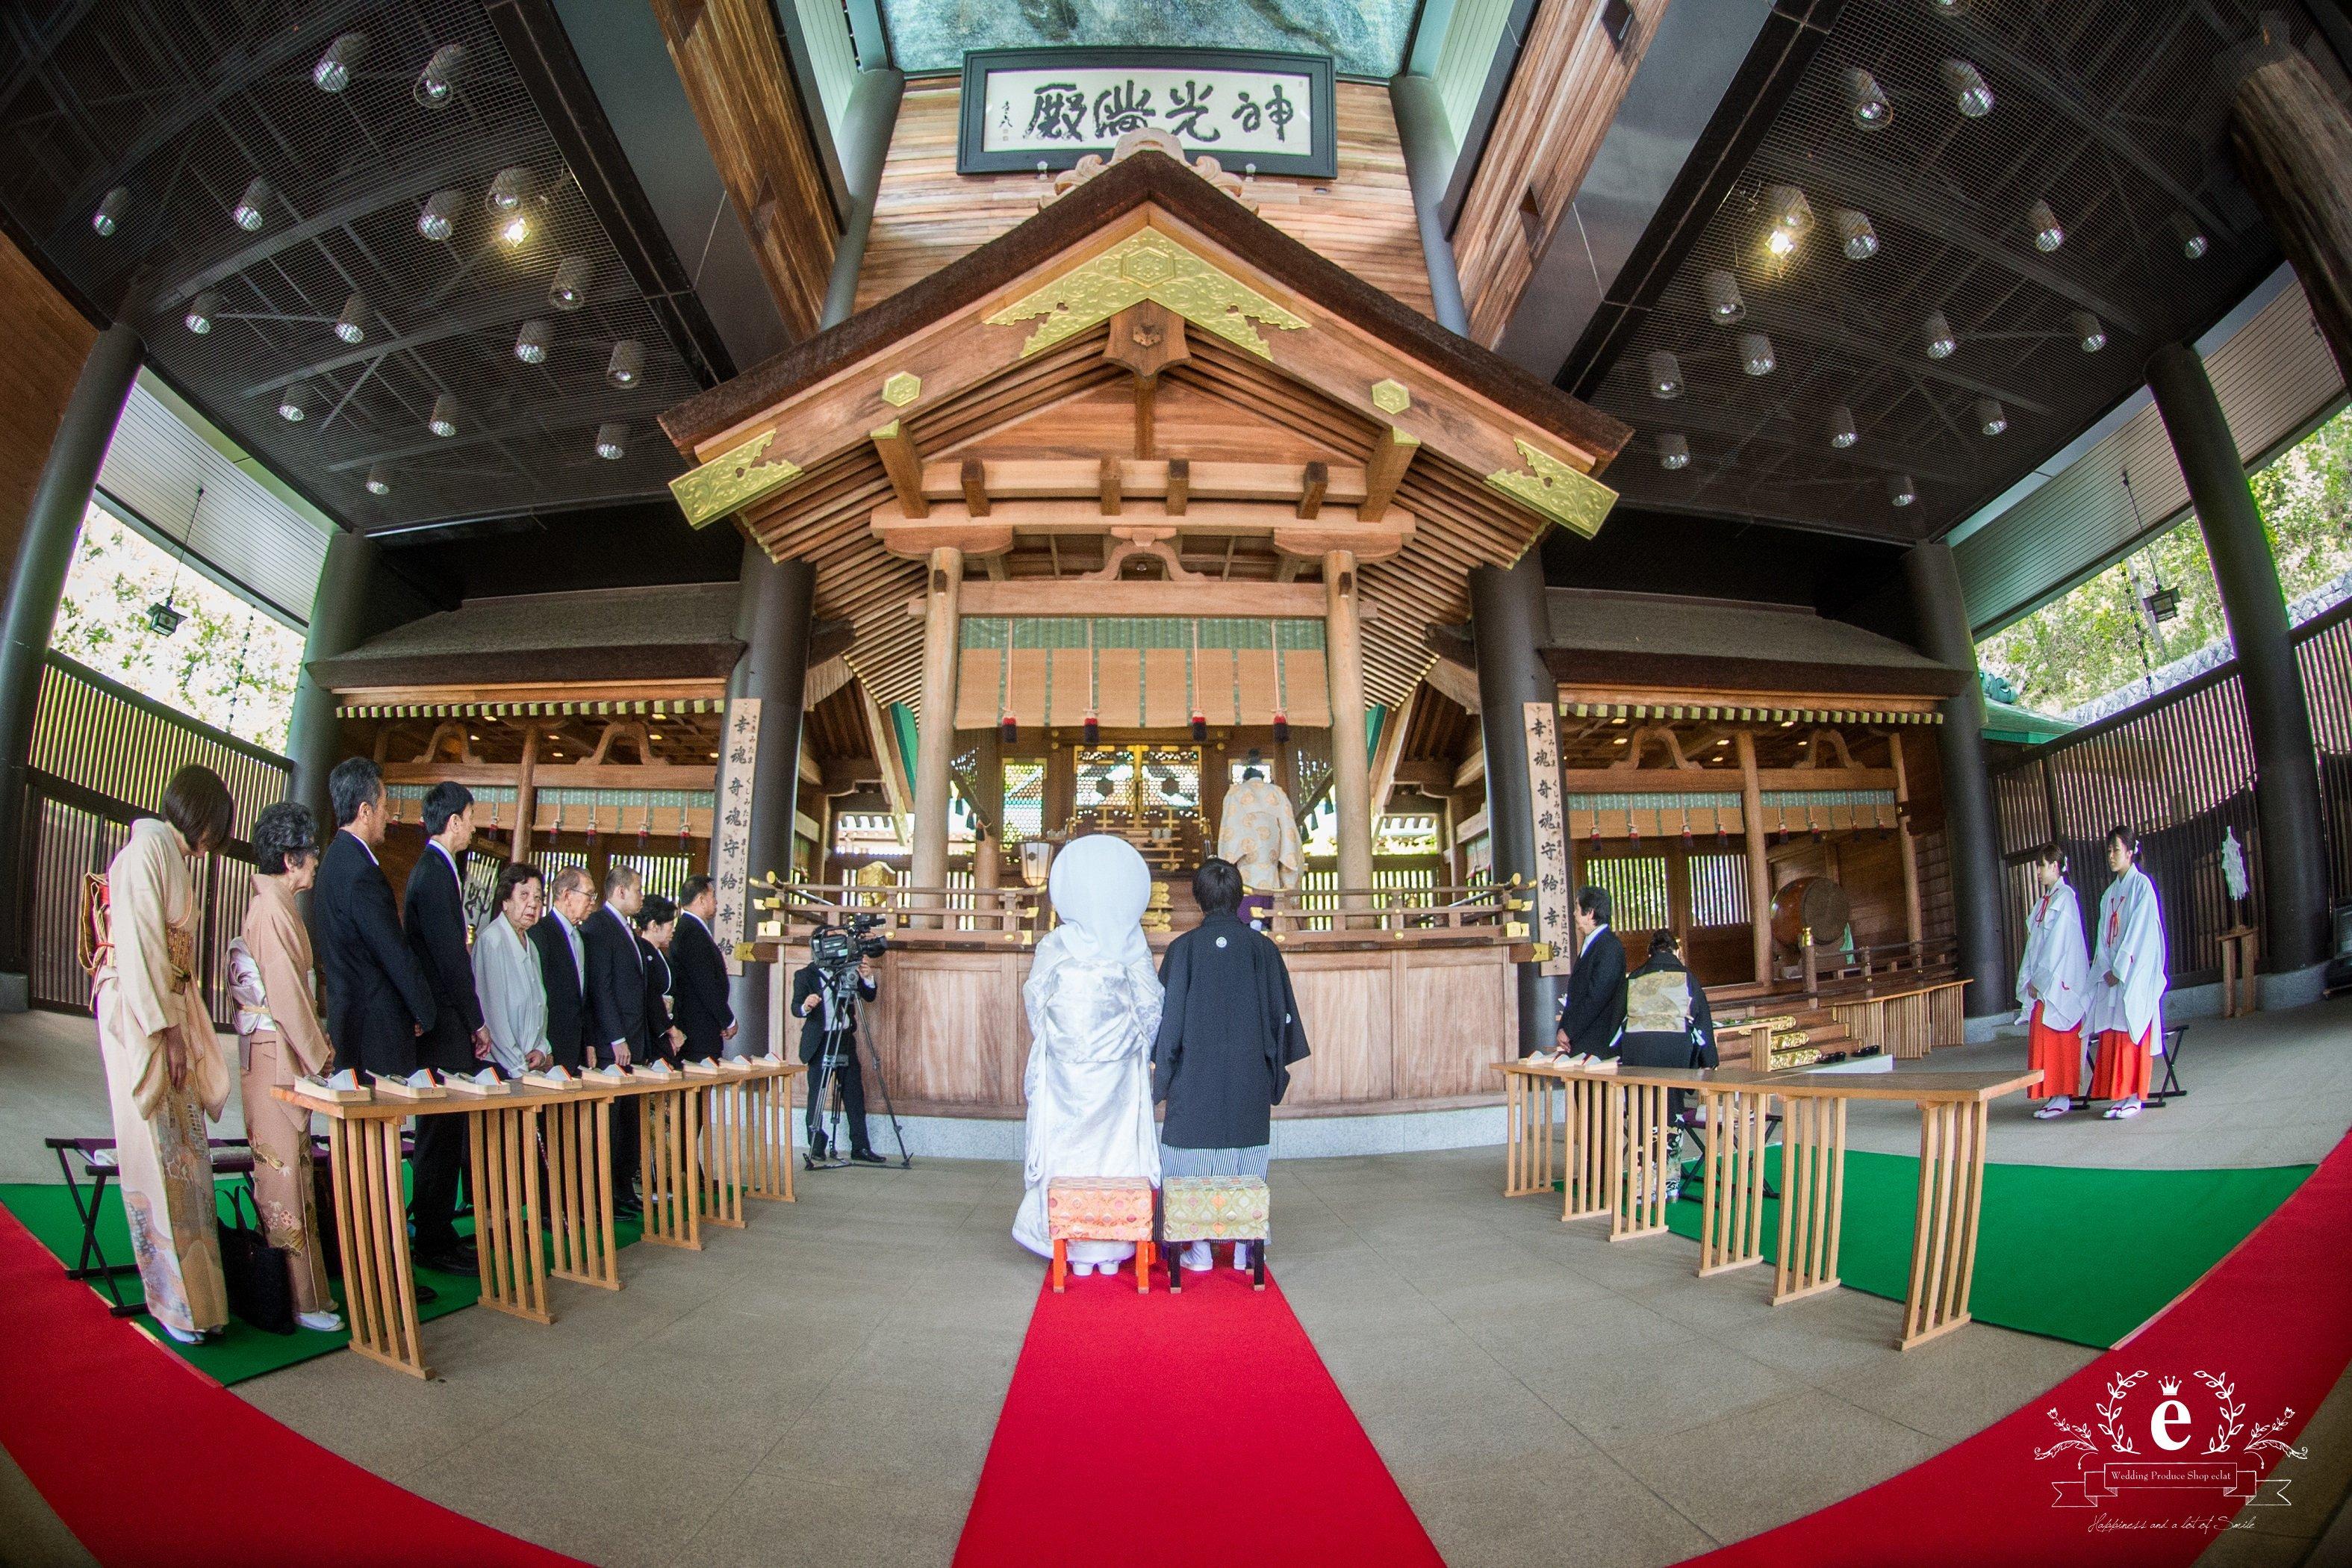 茨城 水戸 結婚 ウェディング 神社挙式 常陸国出雲大社 笠間 会食 親族のみ 家族婚 プロデュース会社 エクラ